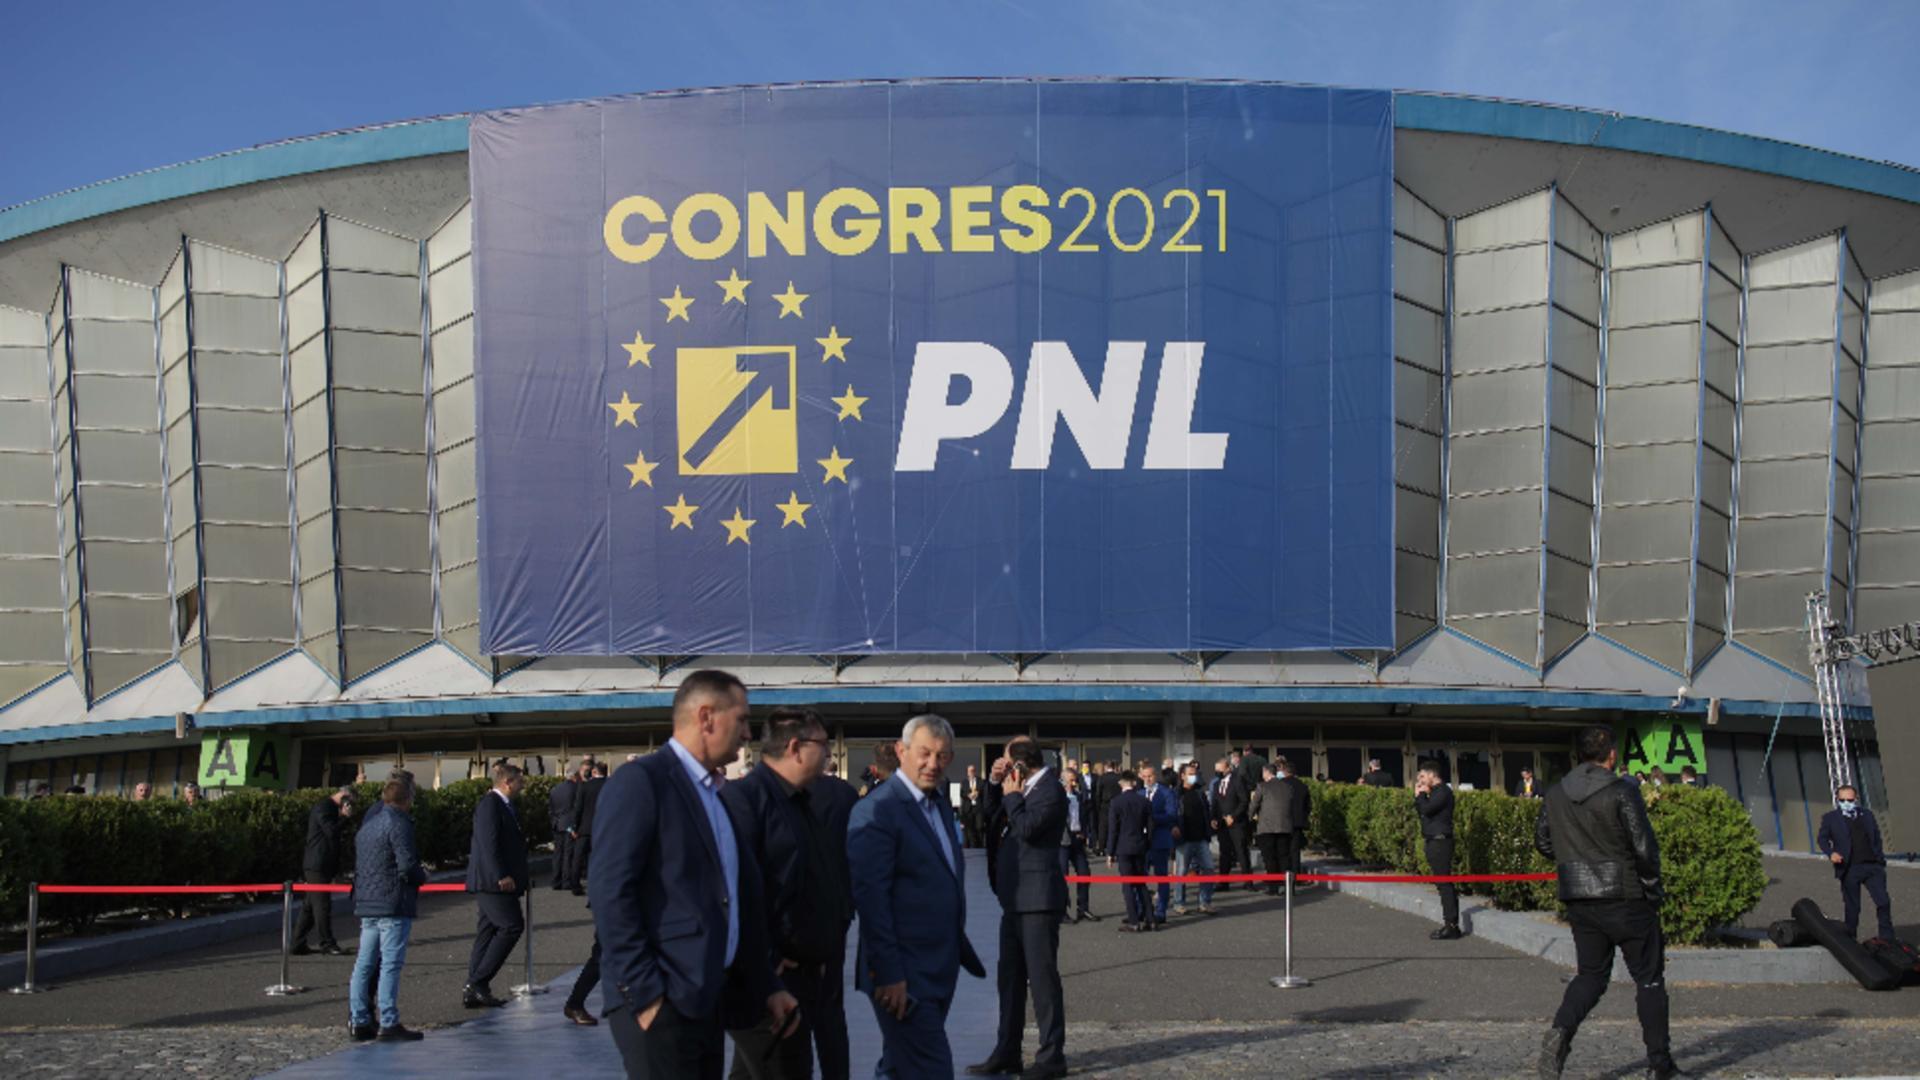 Congres PNL / Inquam Photos - Octav Ganea